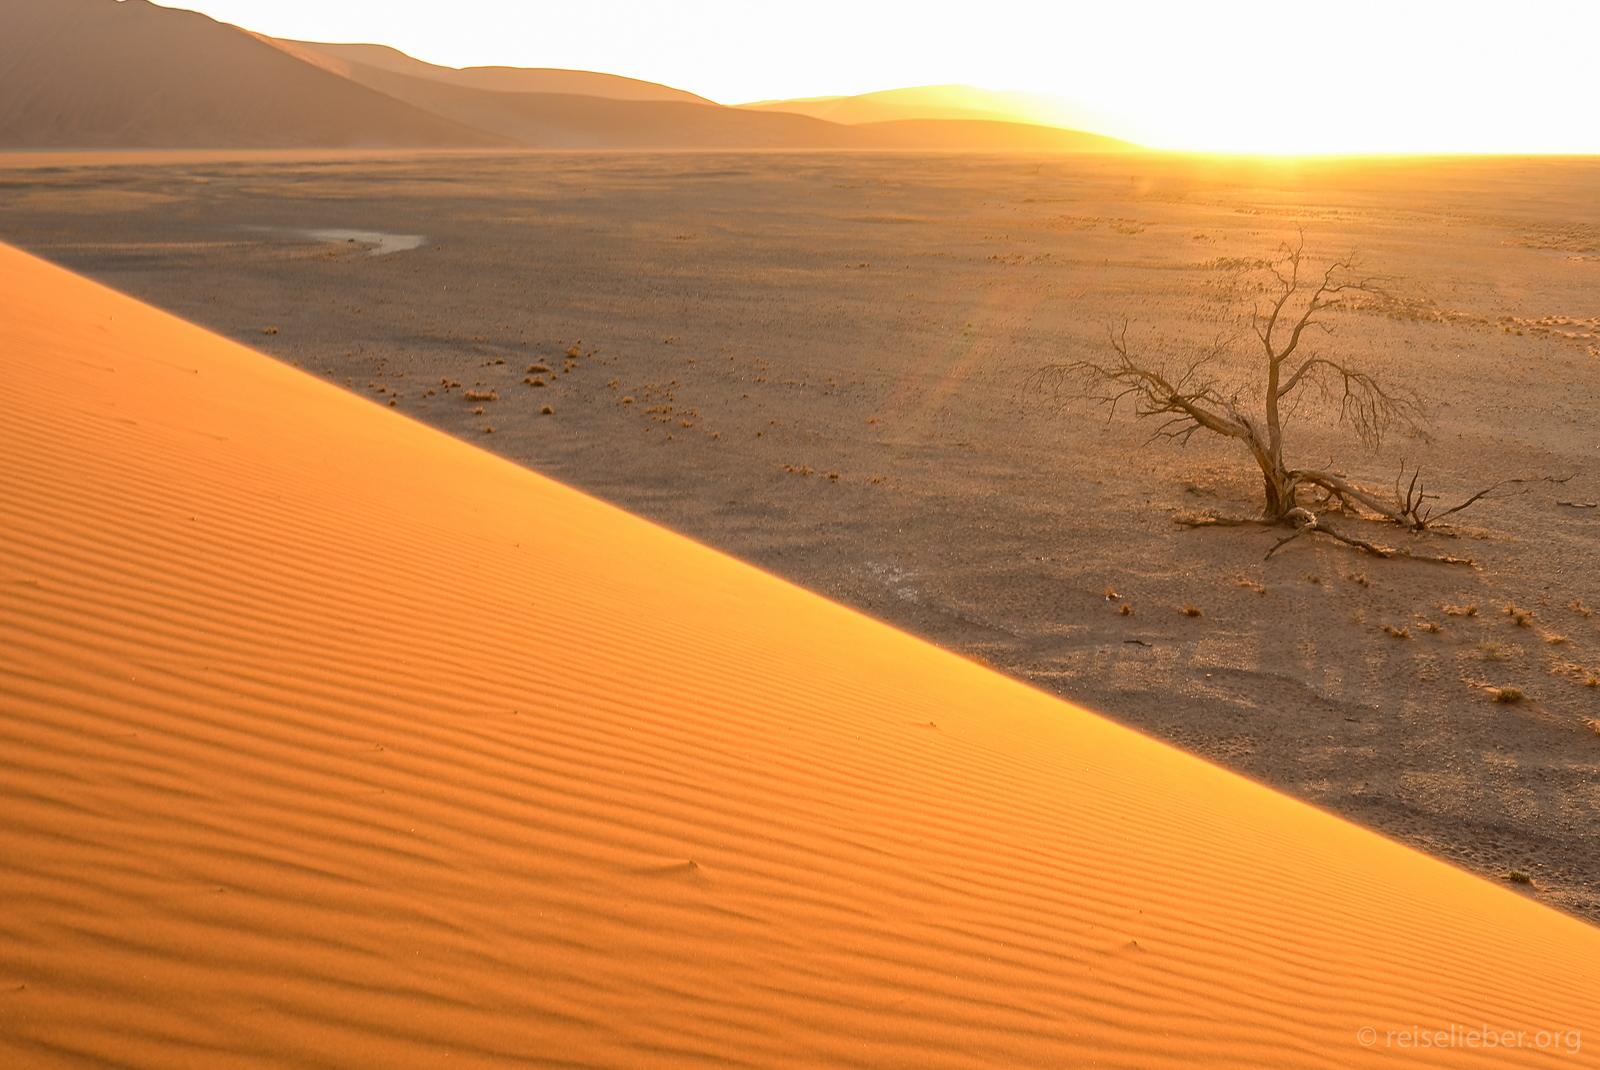 20141025_Namibia_Roadtrio_Chronik_L1121839